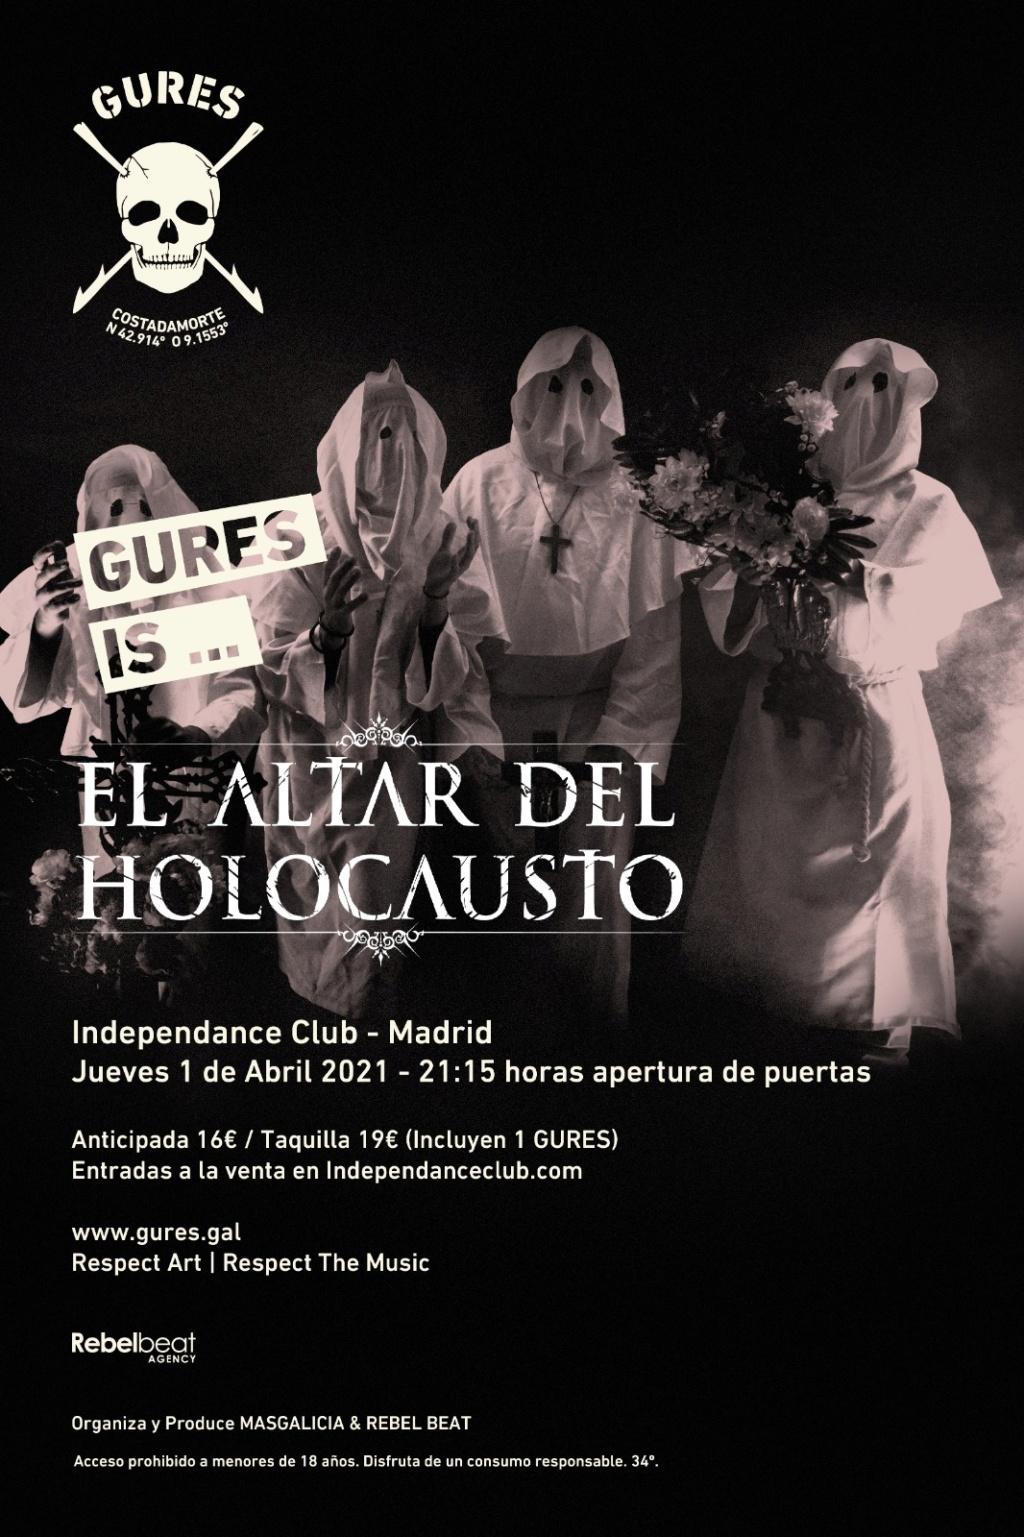 El Altar Del Holocausto: ¡¡¡✞ T R I N I DAD -  1 de Octubre BARCELONA - Razz3   !!!!! - Página 14 Img-2011